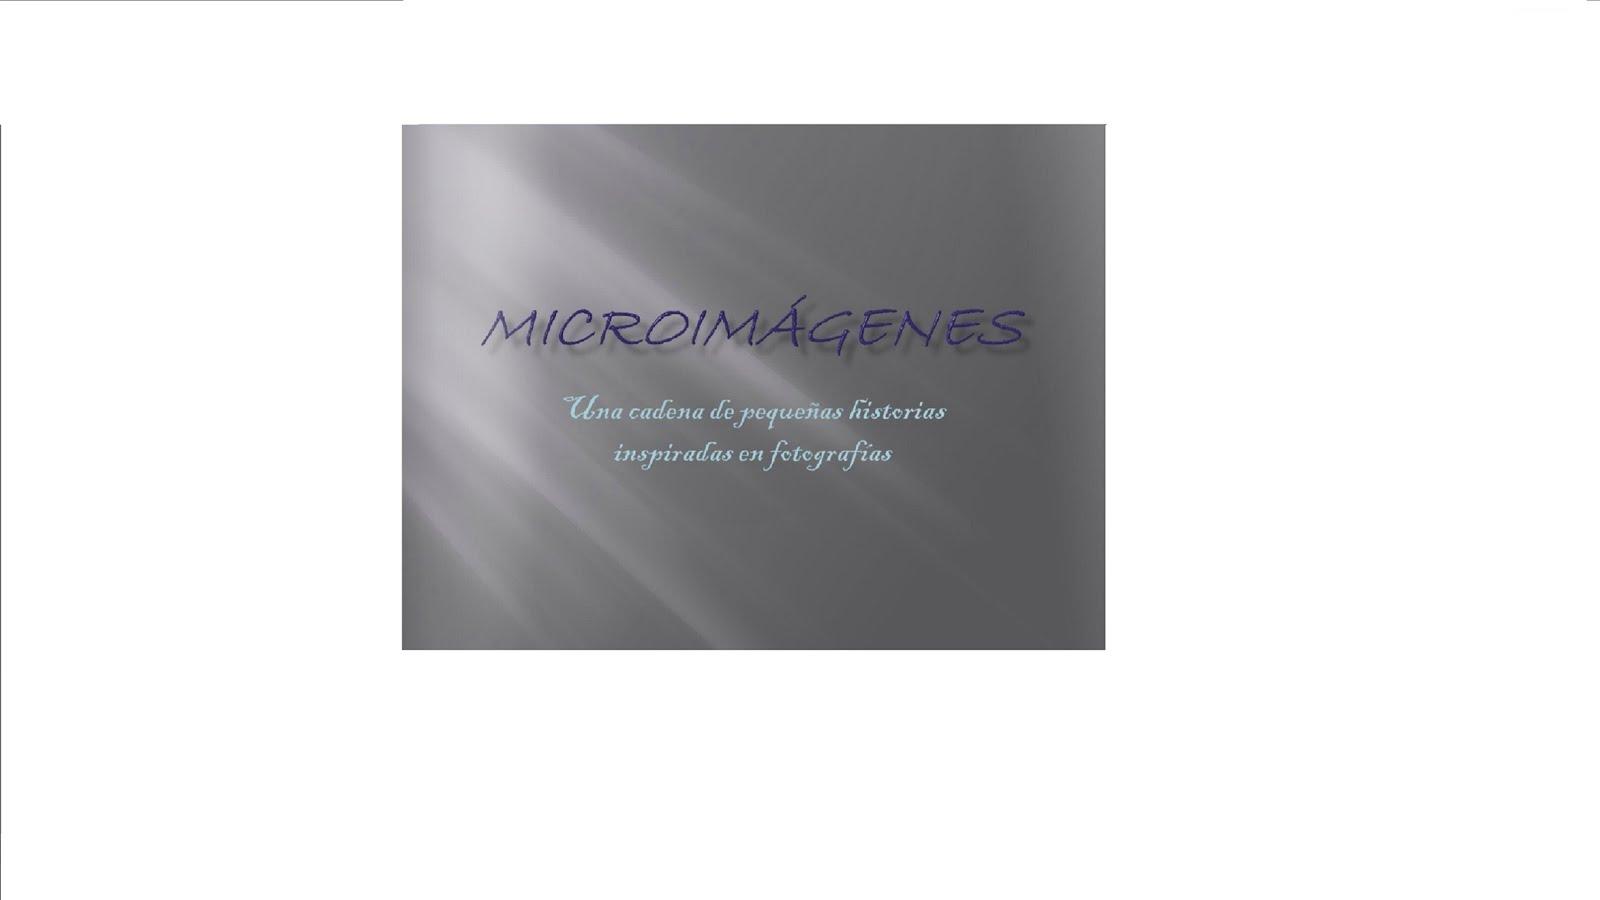 MICROIMÁGENES